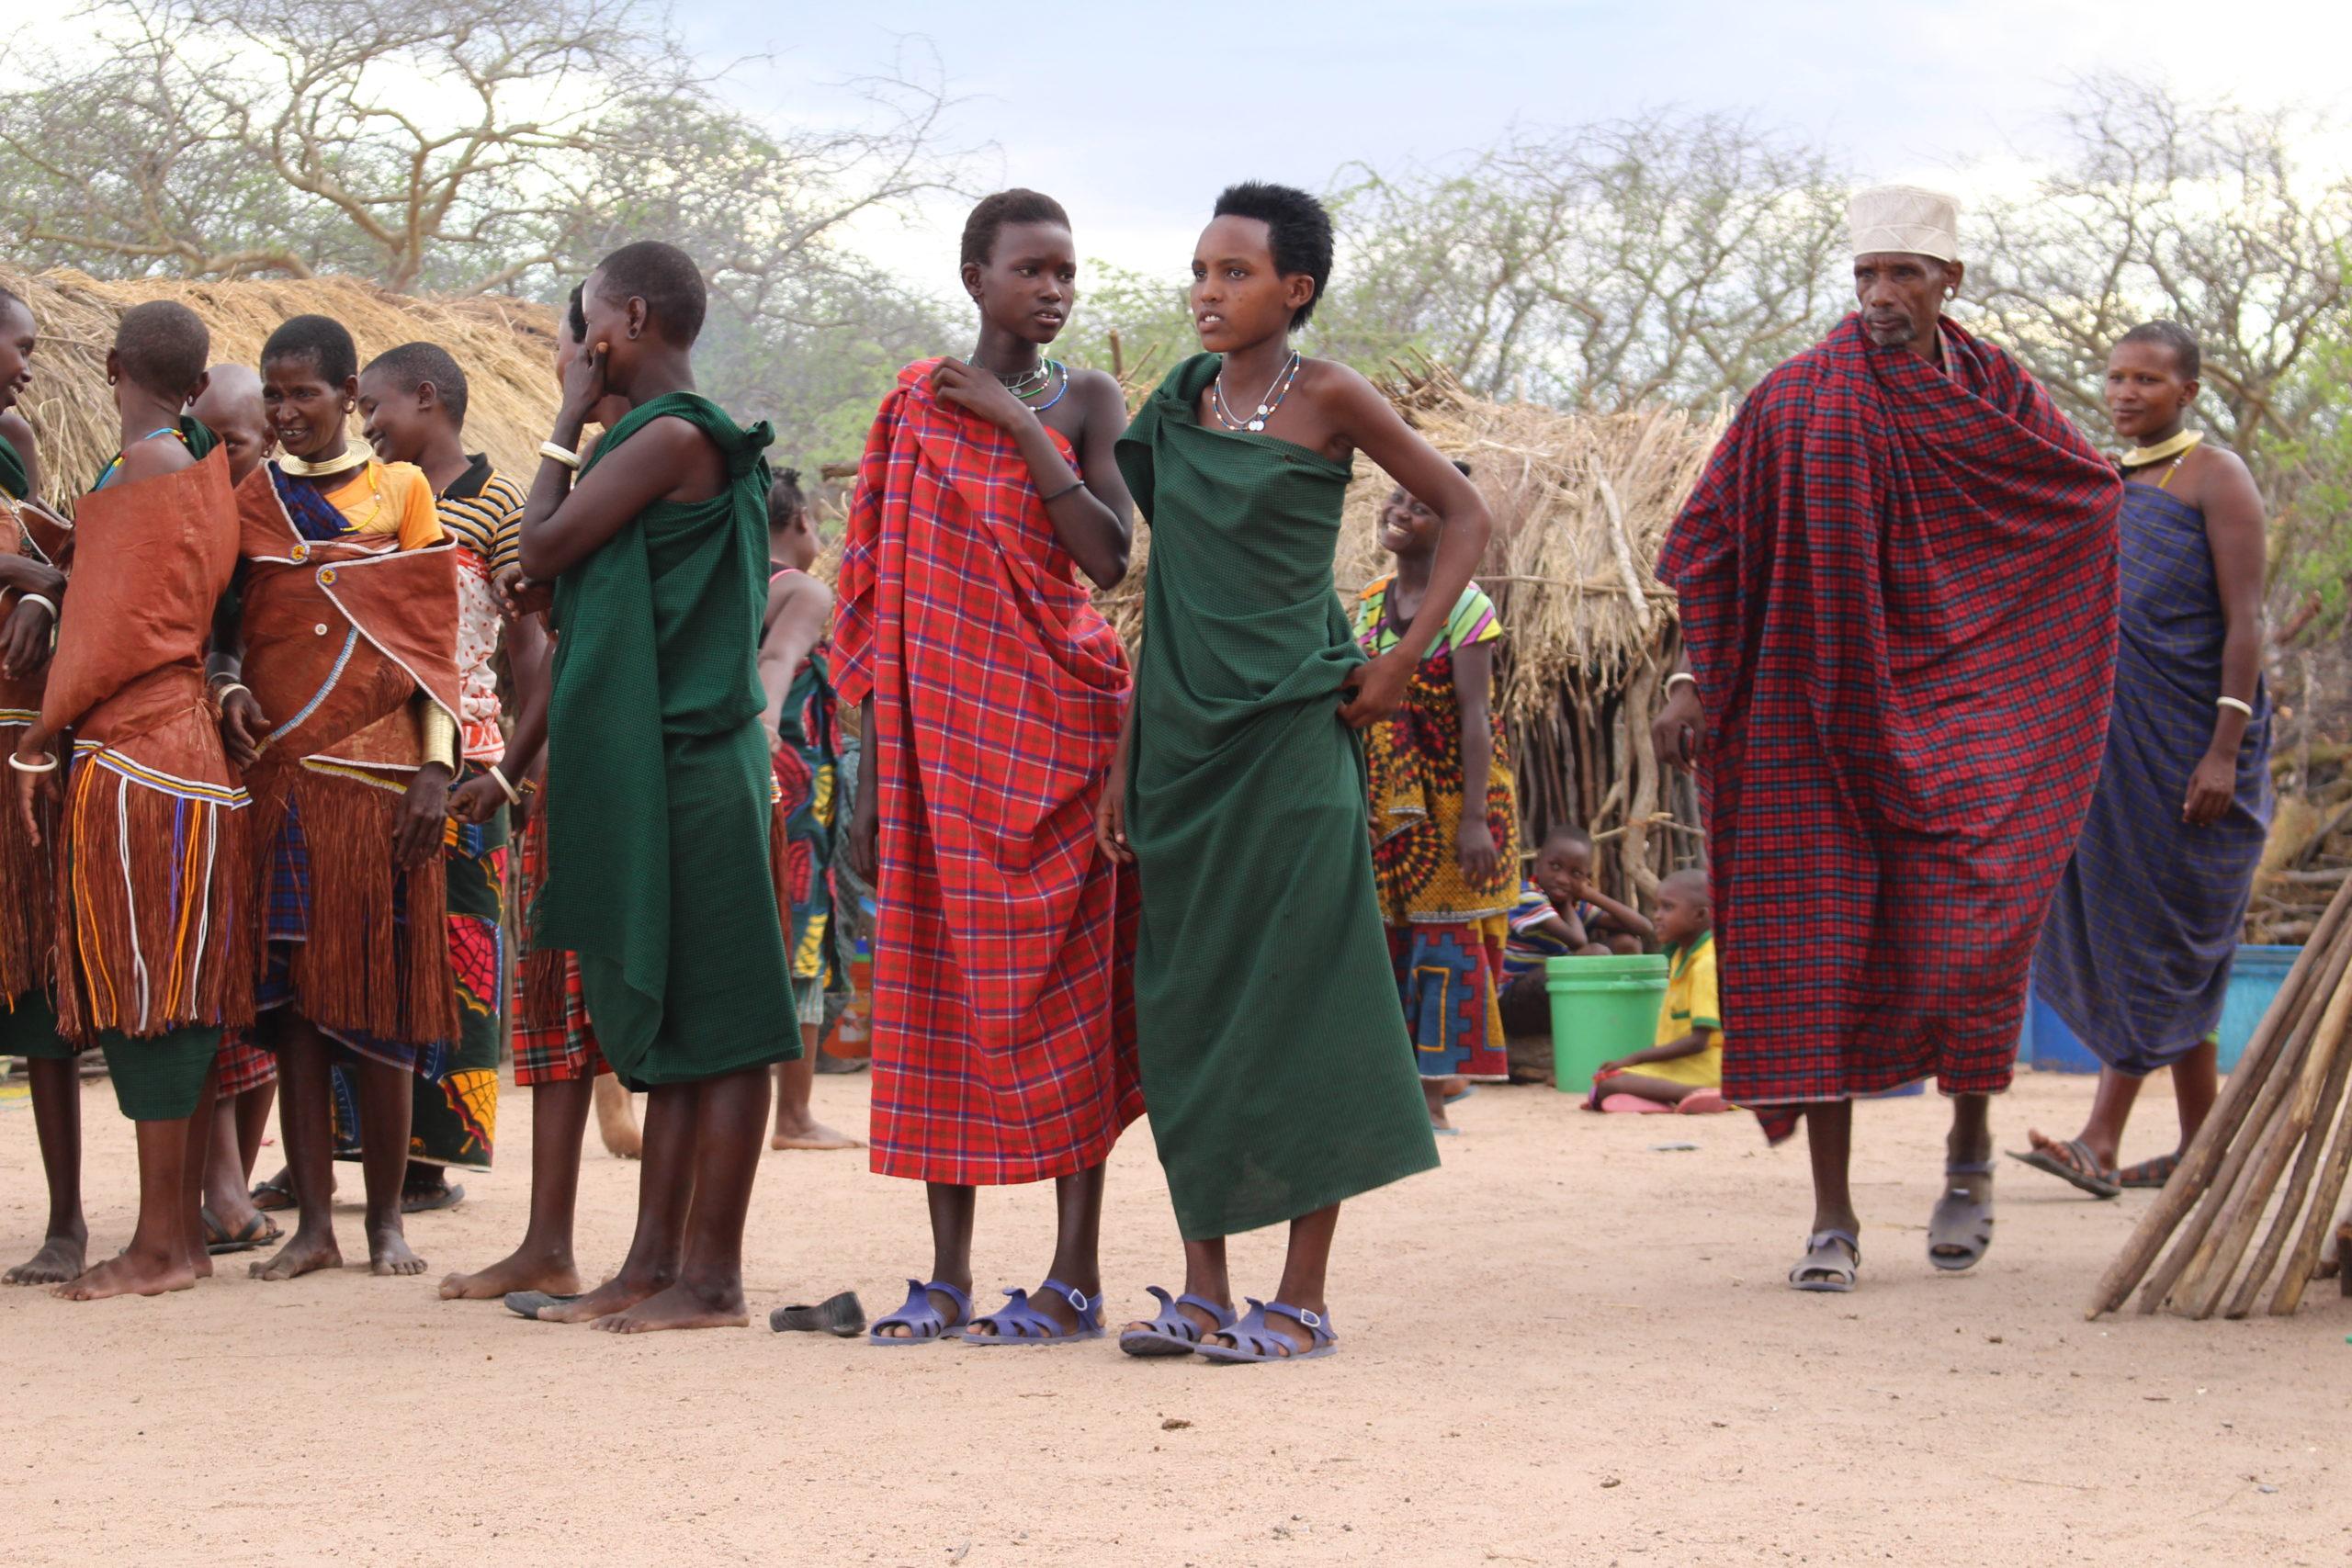 Barabaig gather for a dance